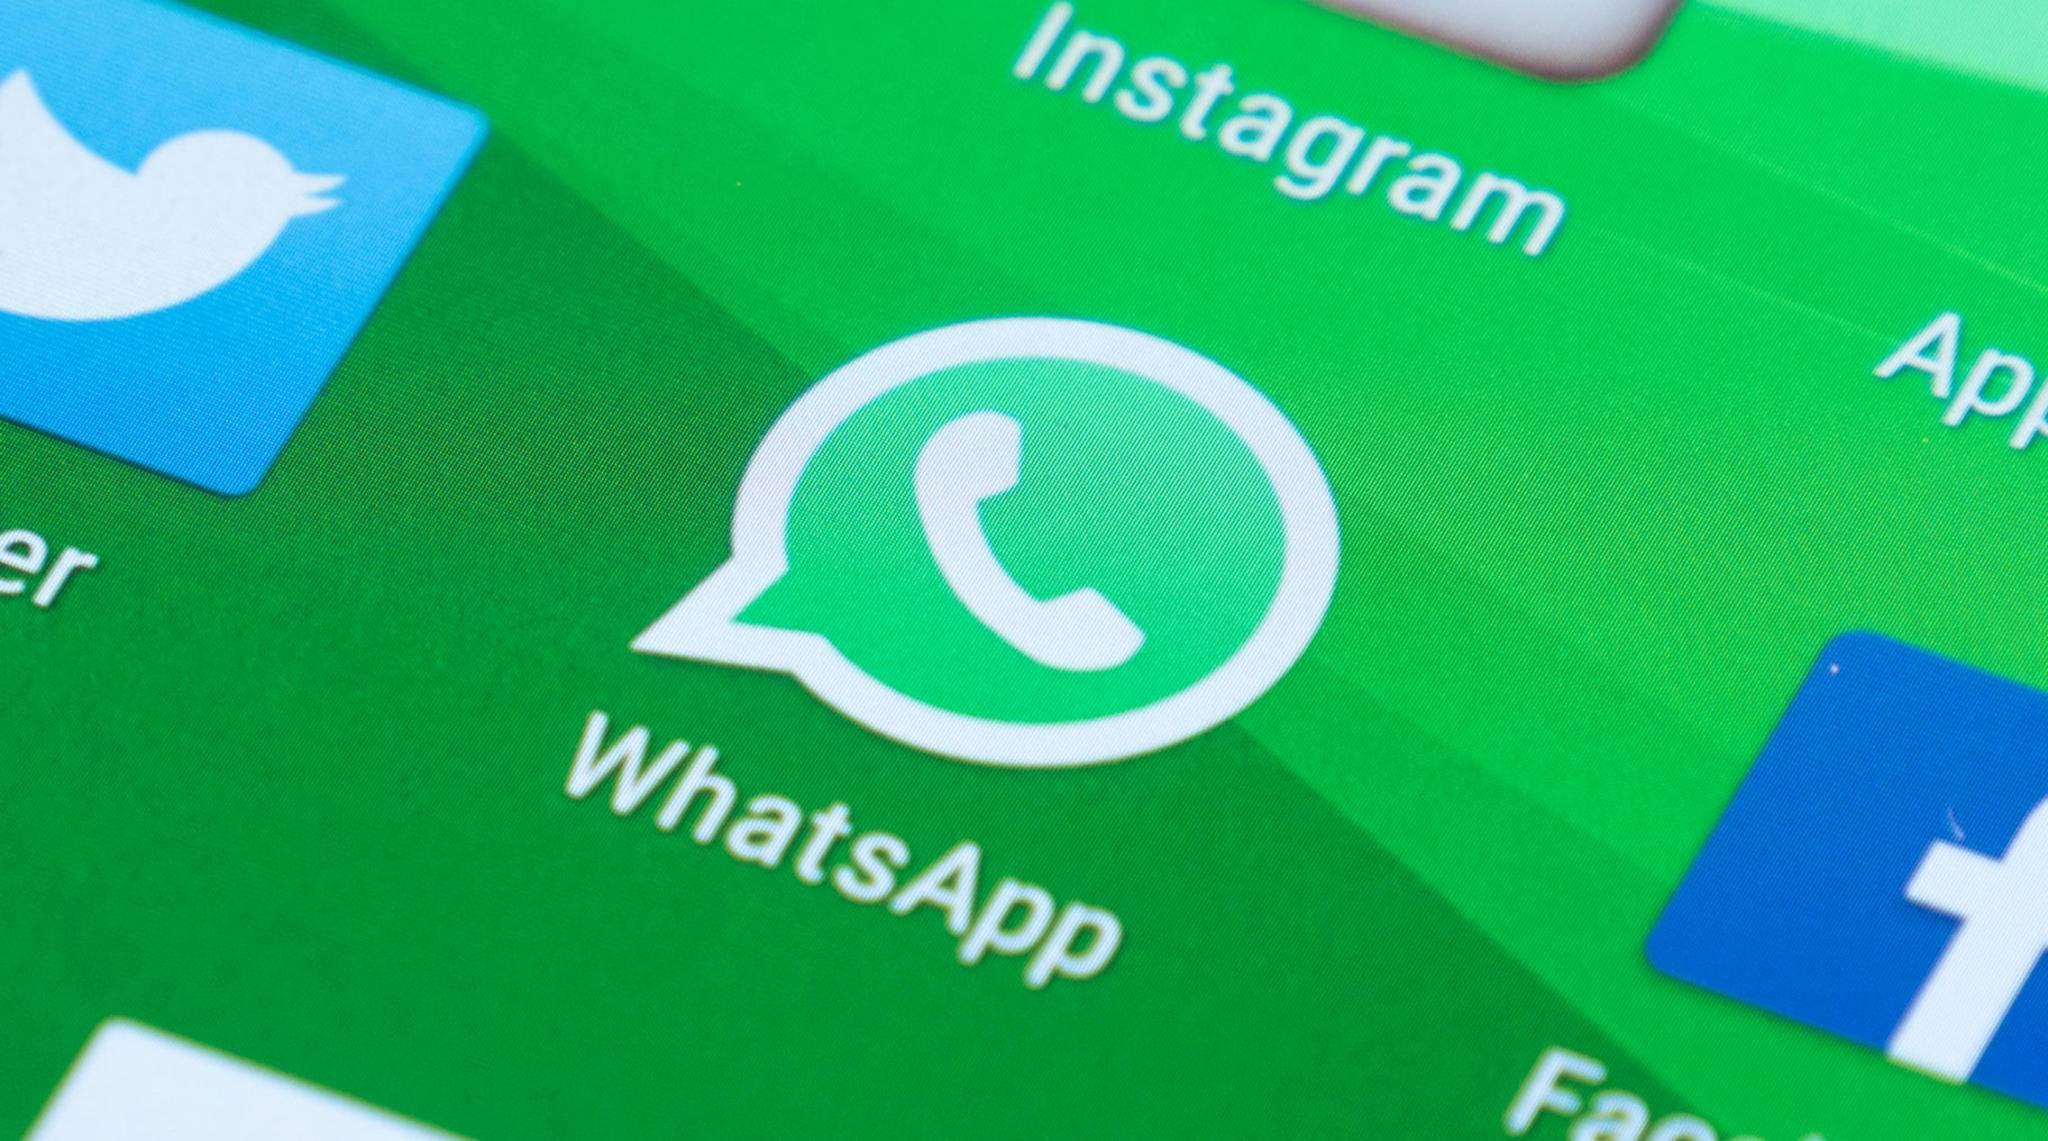 Unter iOS gibt es den Videoanruf-Button schon lange, jetzt hält dieser endlich auch Einzug in die Android-App von WhatsApp.